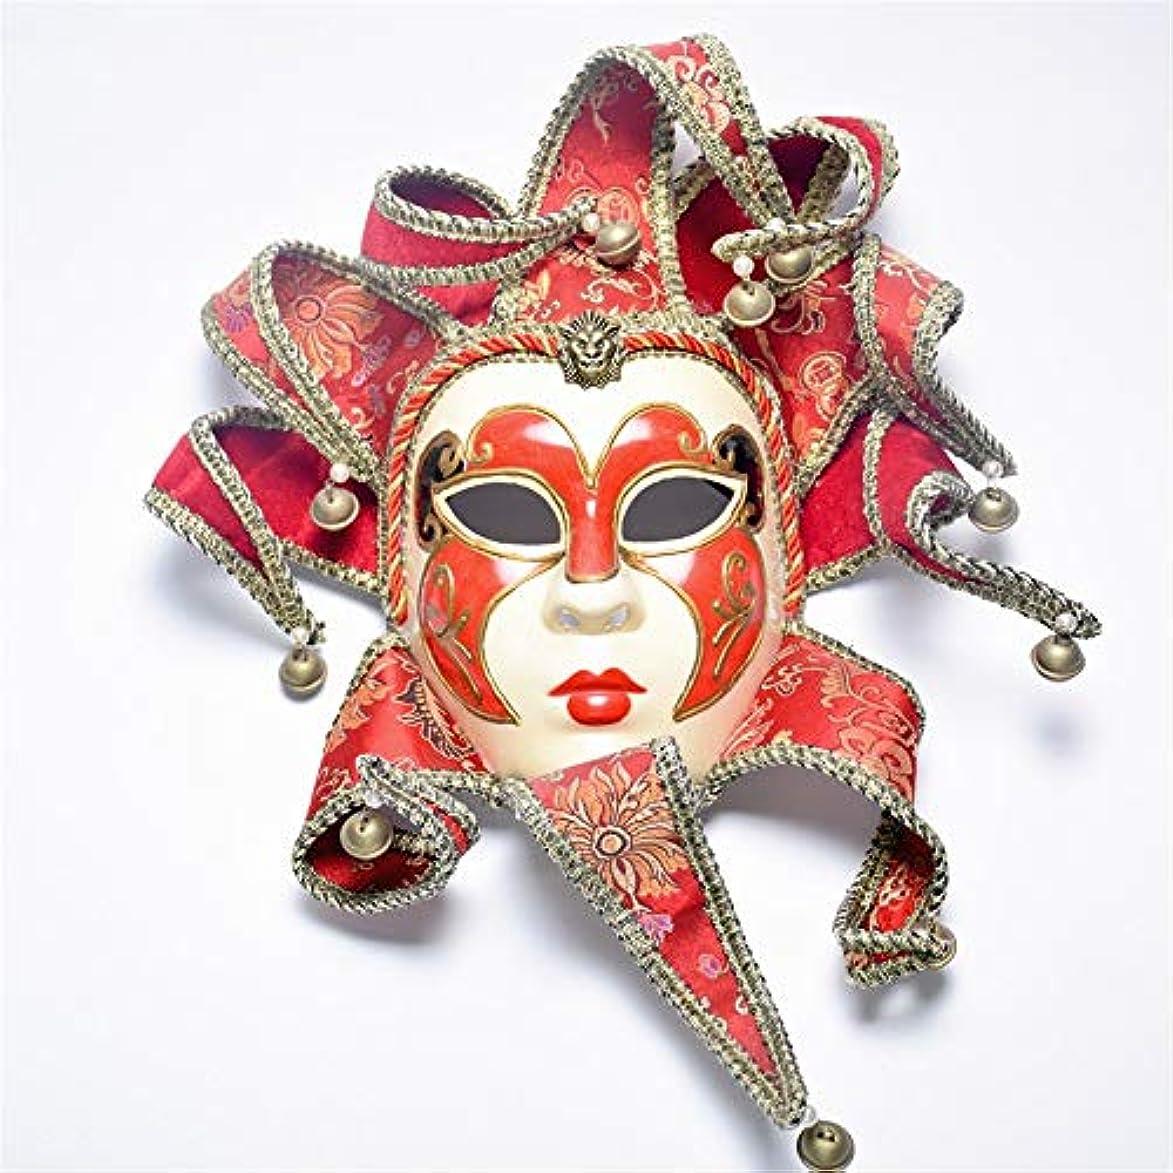 貞苦難セブンダンスマスク フルフェイスマスク高級パーティーベルマスク女性マスククリスマスフェスティバルロールプレイングプラスチックマスク ホリデーパーティー用品 (色 : 赤, サイズ : 49x29cm)